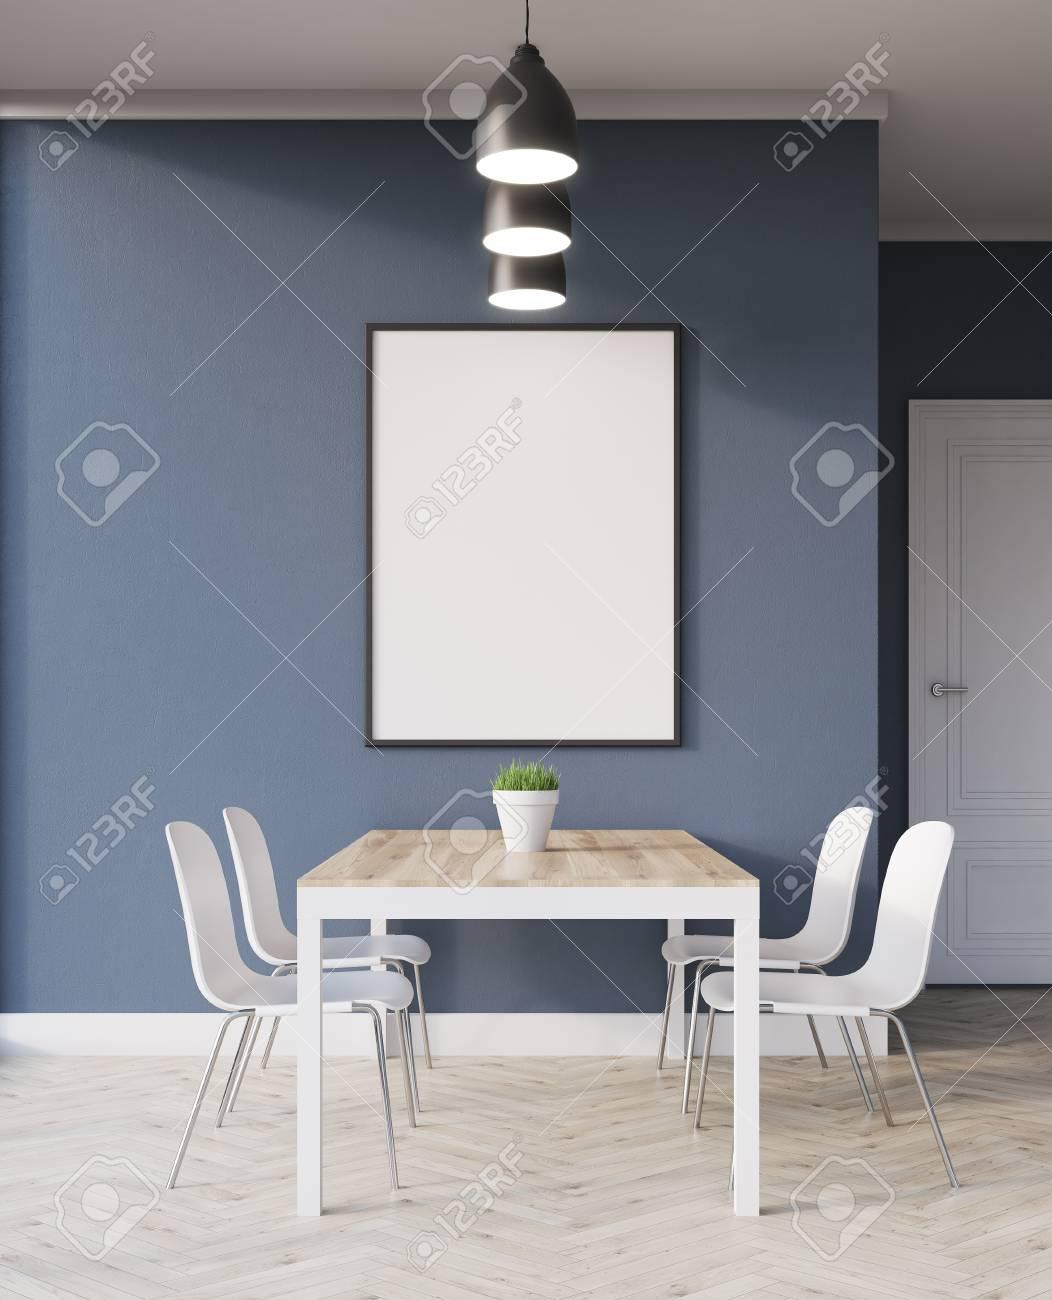 wohnung mit minimalistischem weisem interieur design new york, tabelle für familienessen in wohnung mit minimalistischen stil, Design ideen